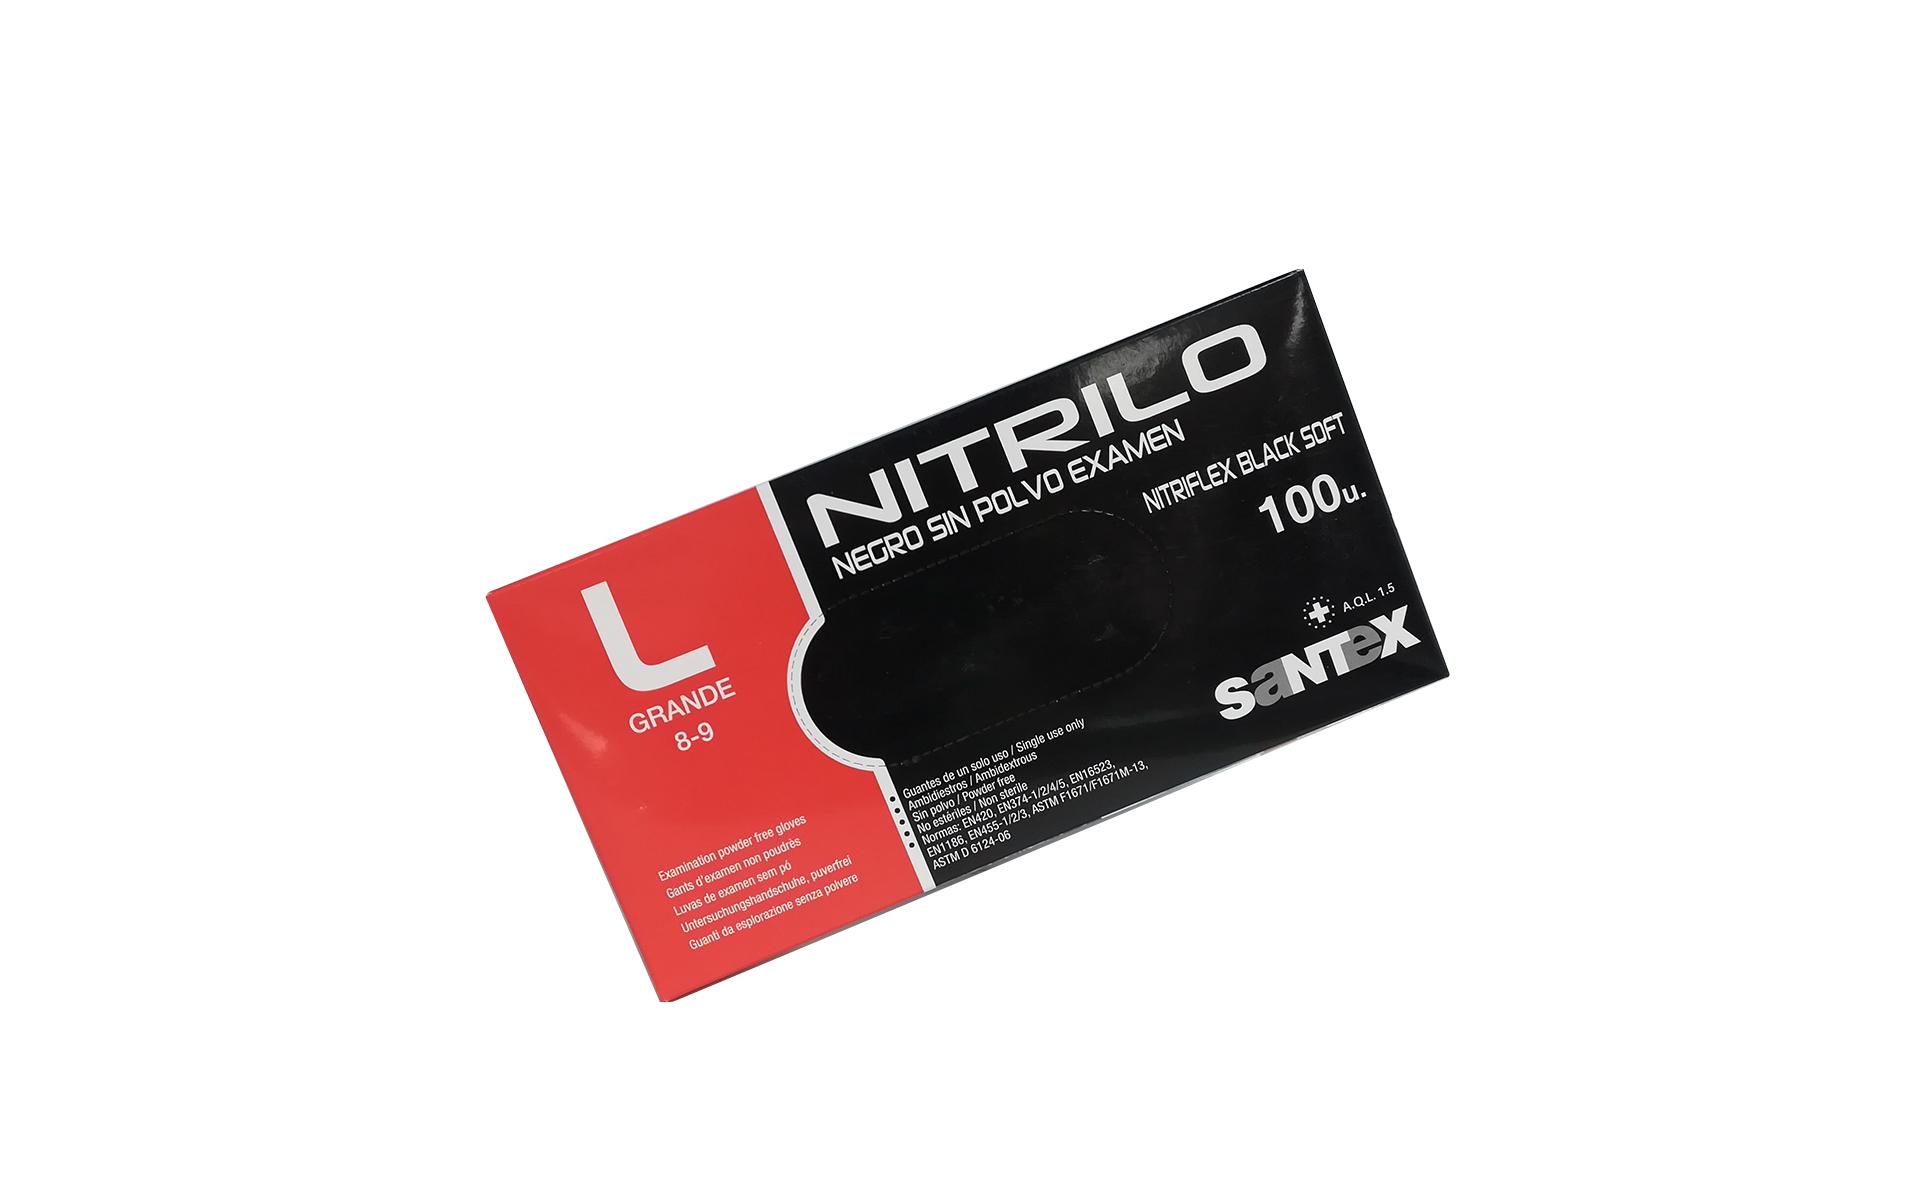 Guante nitrilo negro G